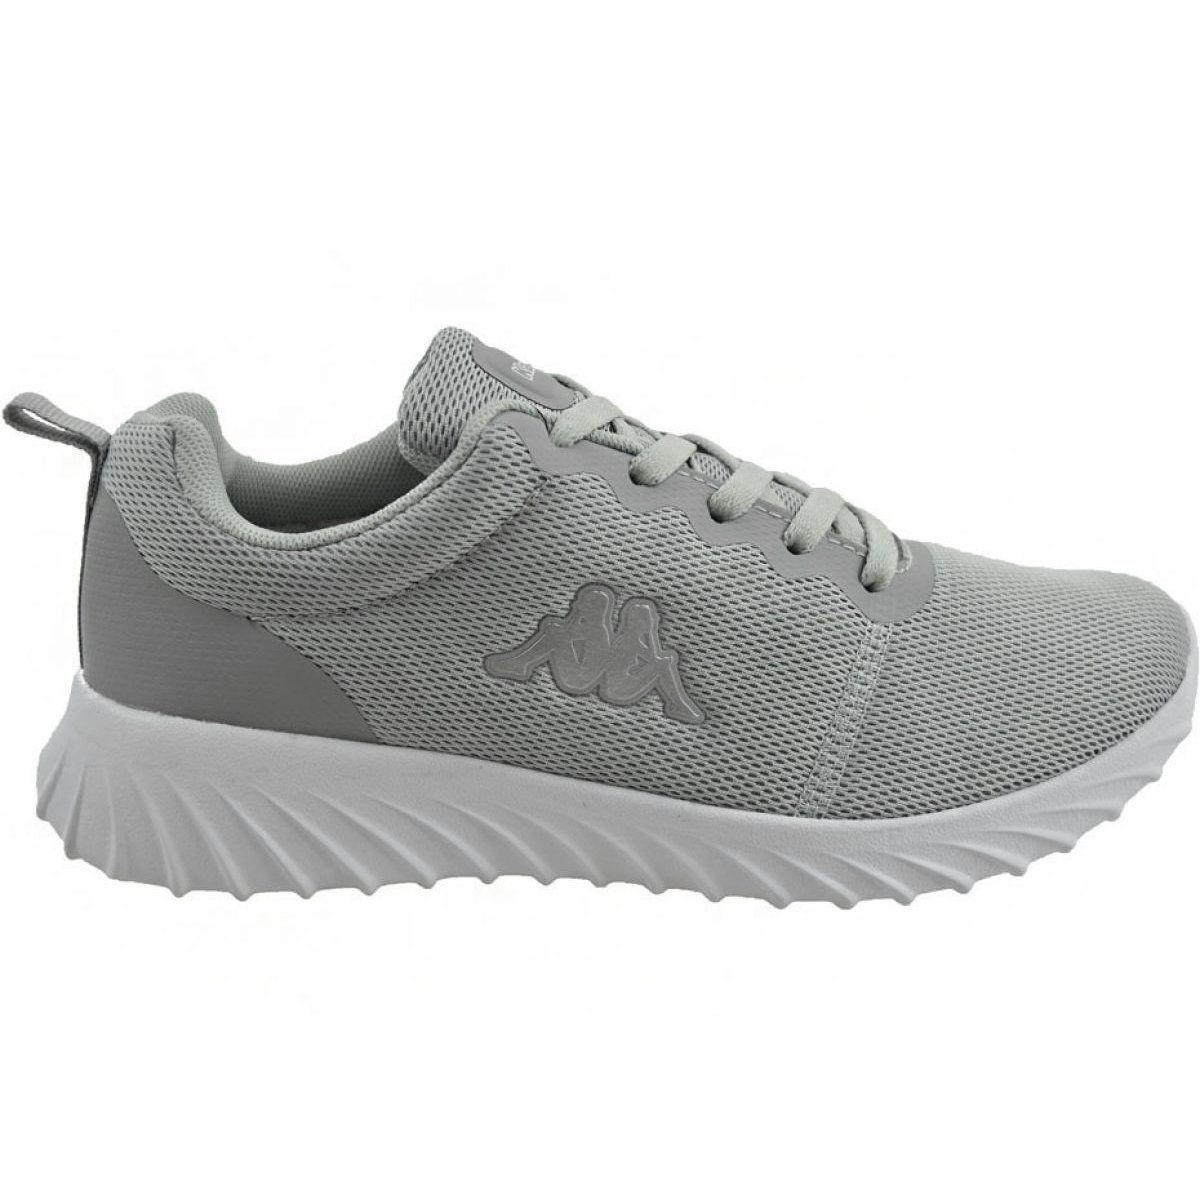 Sportowe Damskie Innamarka Buty Kappa Ces 242685 1410 Shoes Sport Shoes Sneakers